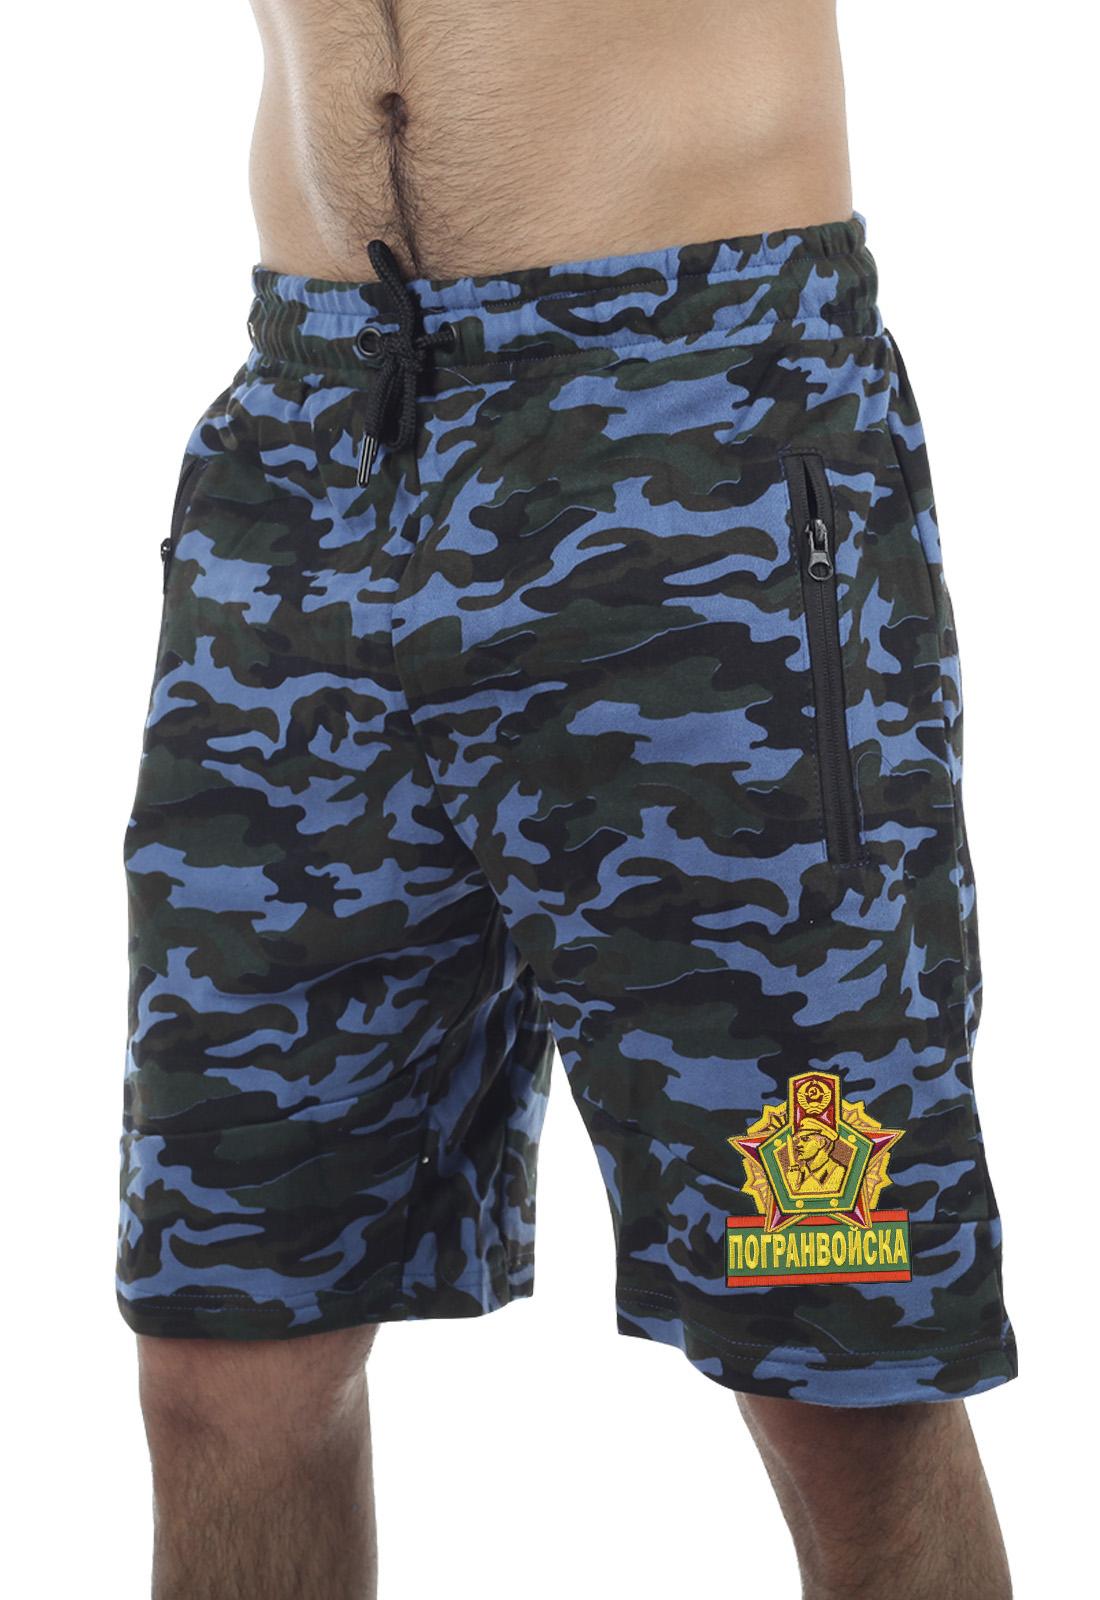 Купить армейские трикотажные шорты с нашивкой Погранвойска выгодно оптом